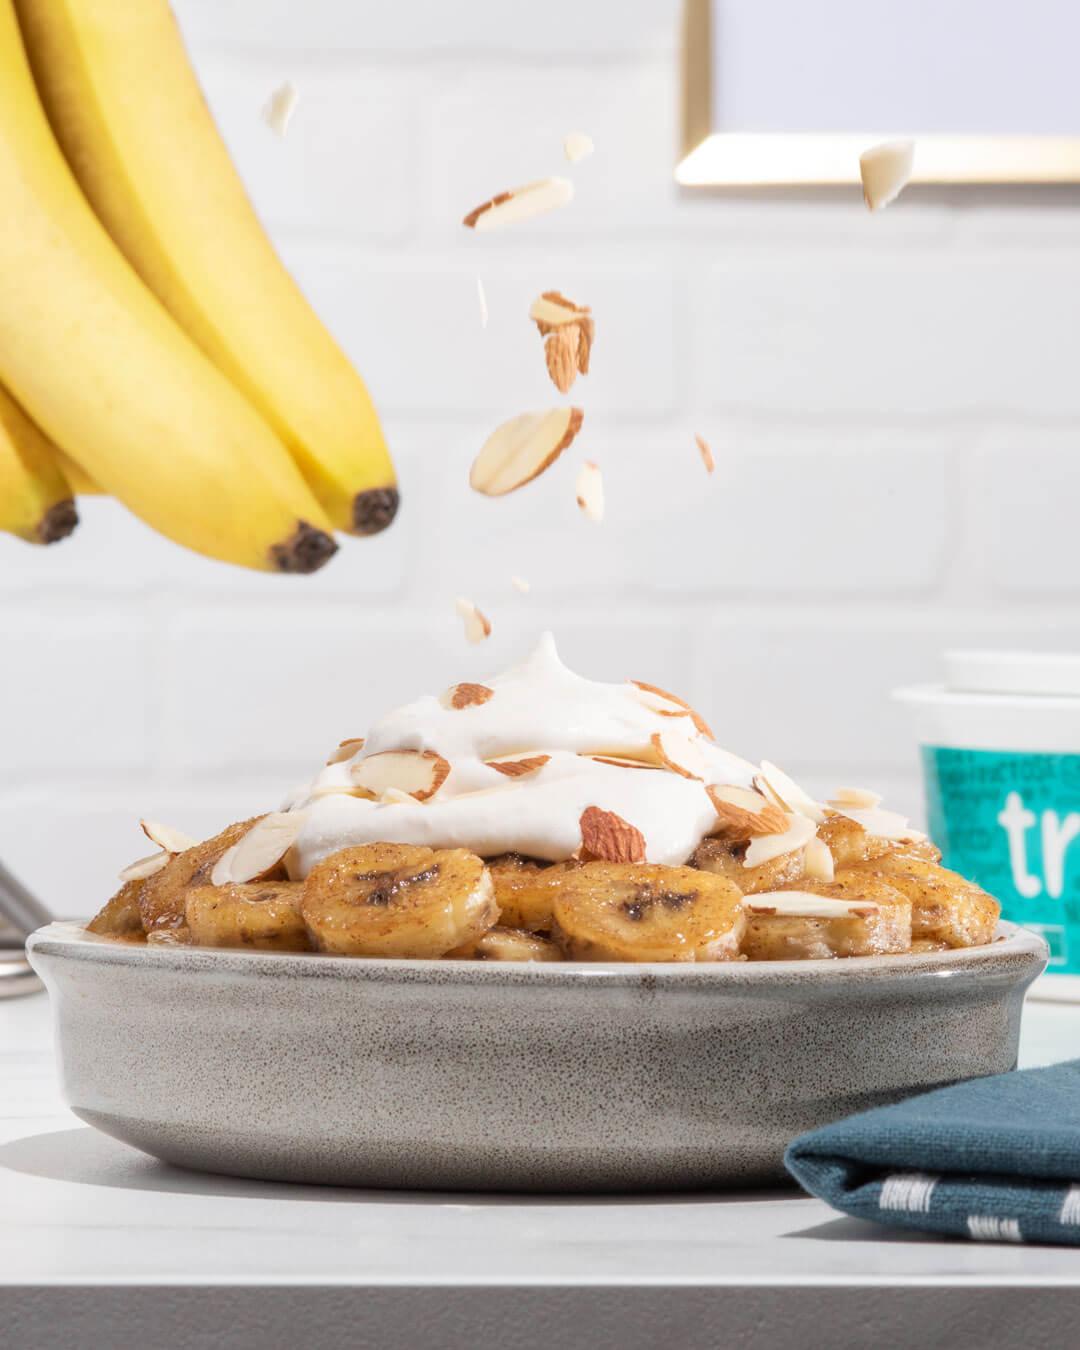 vegan pan fried cinnamon bananas